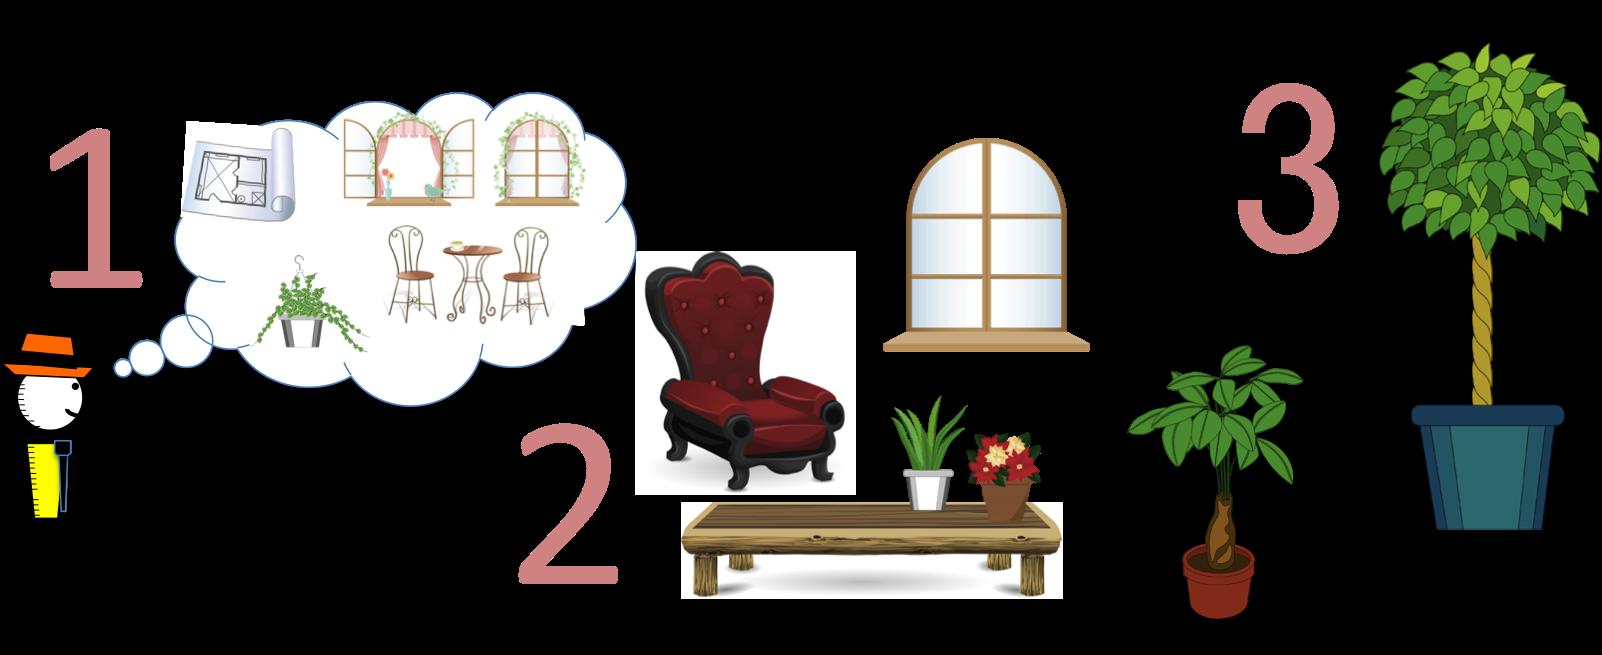 Furniture clipart interior design. Your room hire designer